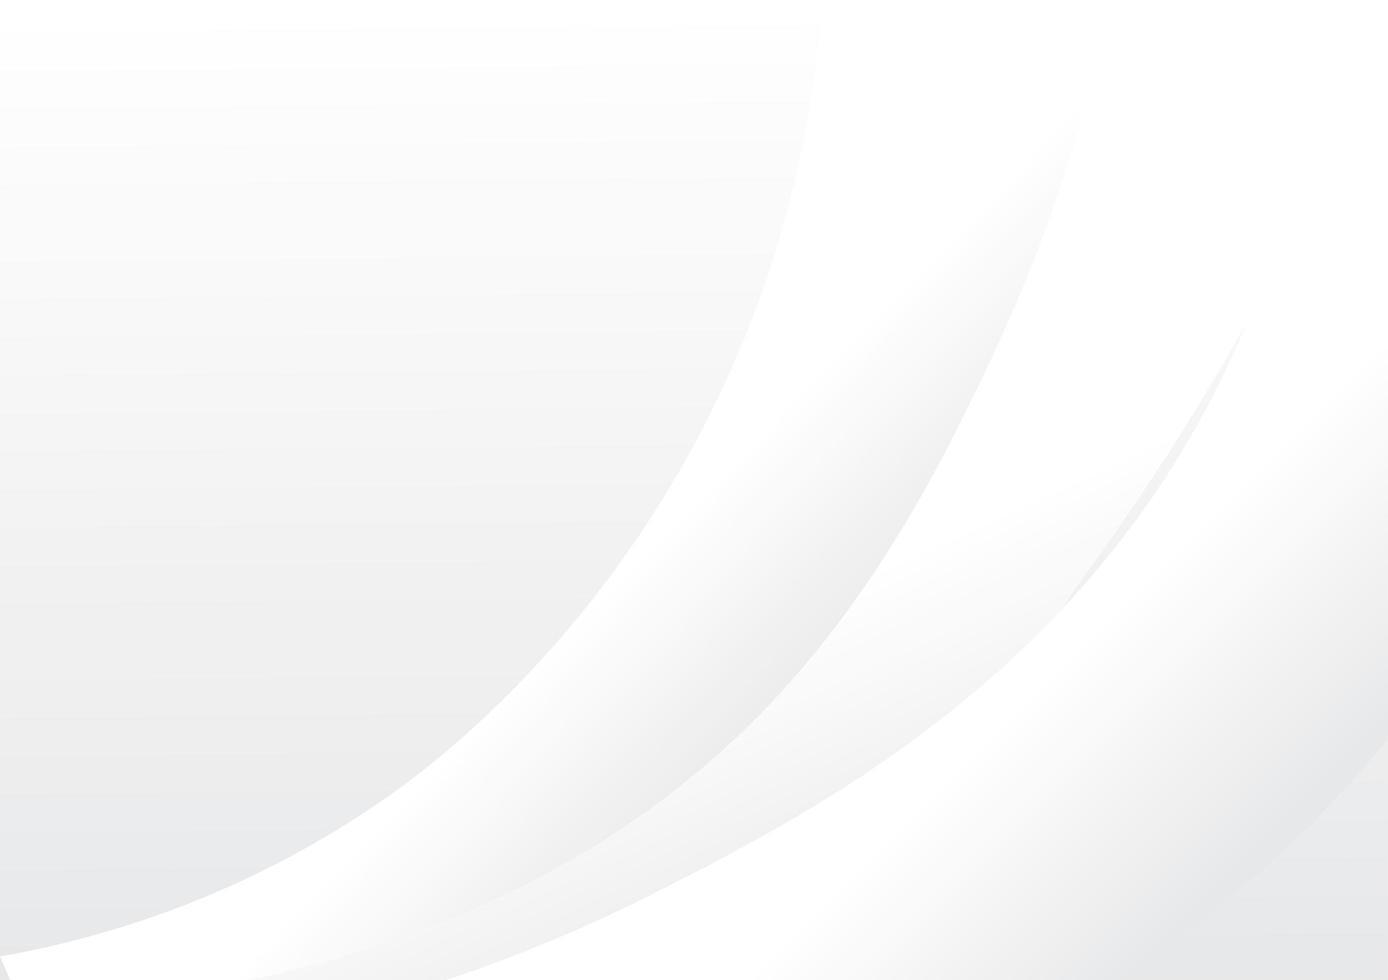 fond d'écran abstrait blanc incurvé vecteur